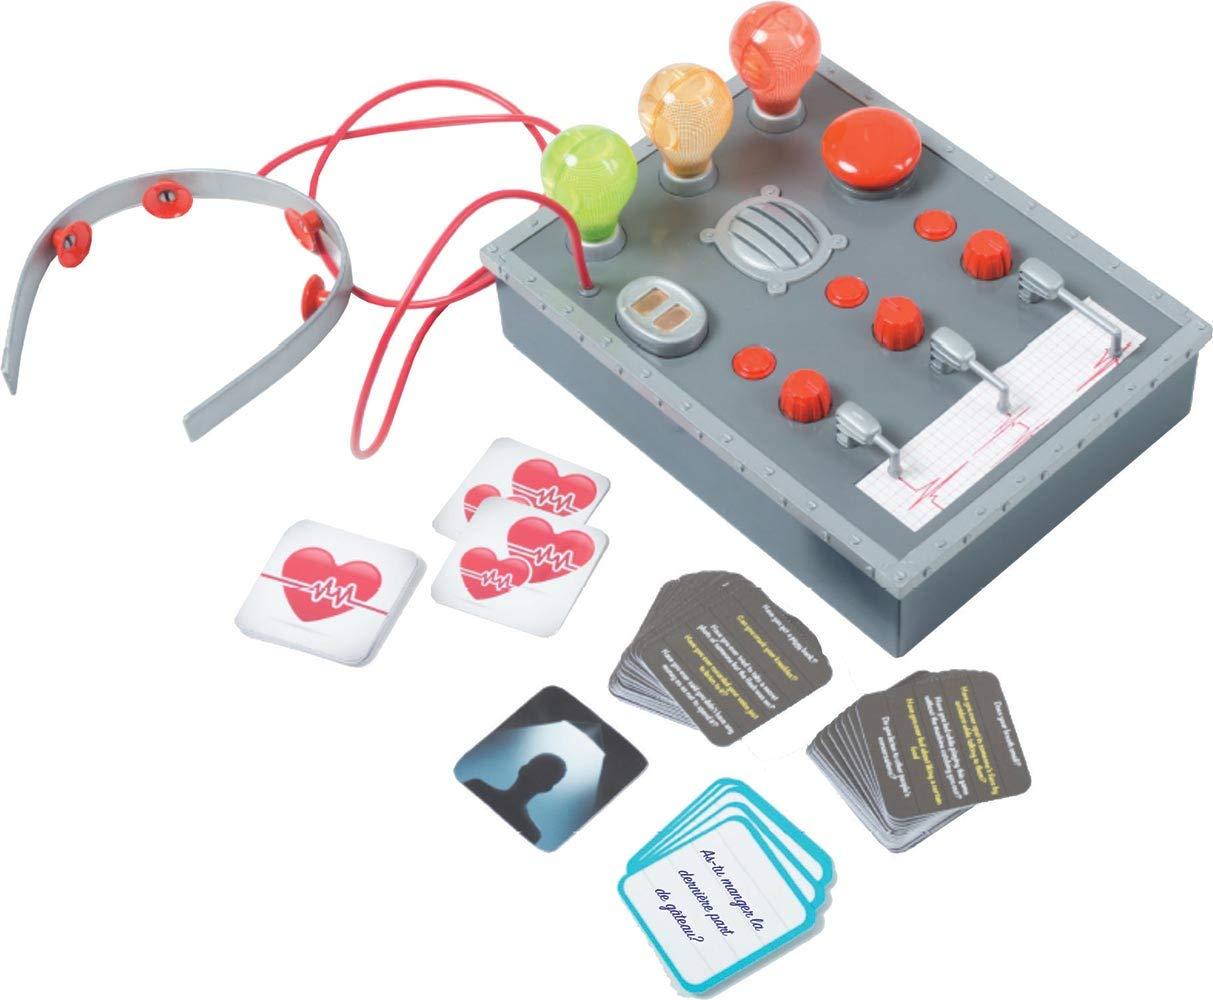 PLAYFUN 96967 - Juego de mesa familiar , multicolor, -[Versión francés]: Amazon.es: Juguetes y juegos